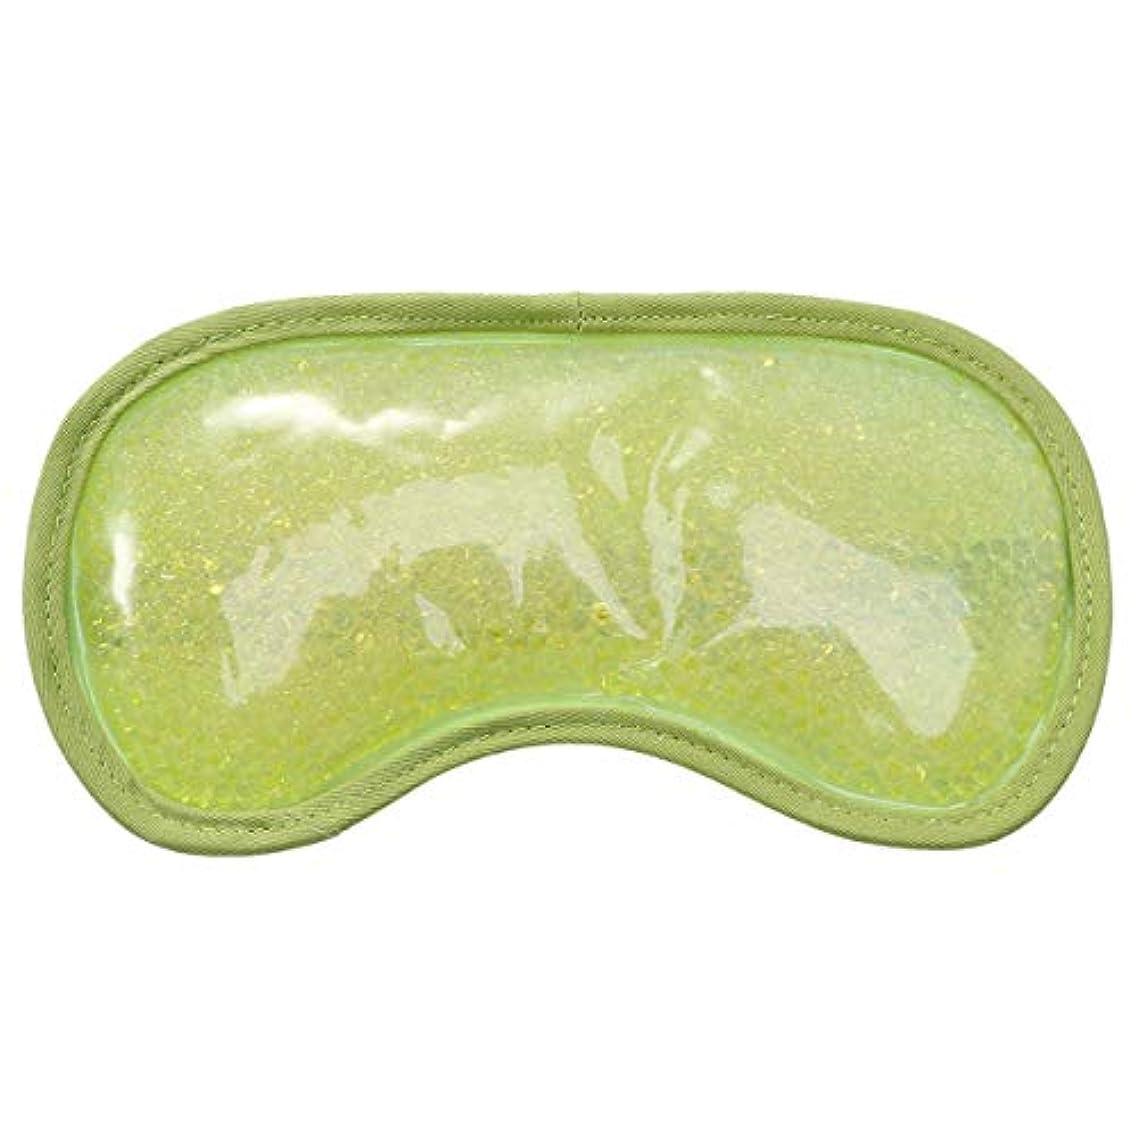 つづり歴史家行為SUPVOX アイマスク ゲル アイスパッド アイアイスパック 温熱 ホット 冷却 パック 再使用可能 目の疲れ軽減 安眠 血行促進(緑)